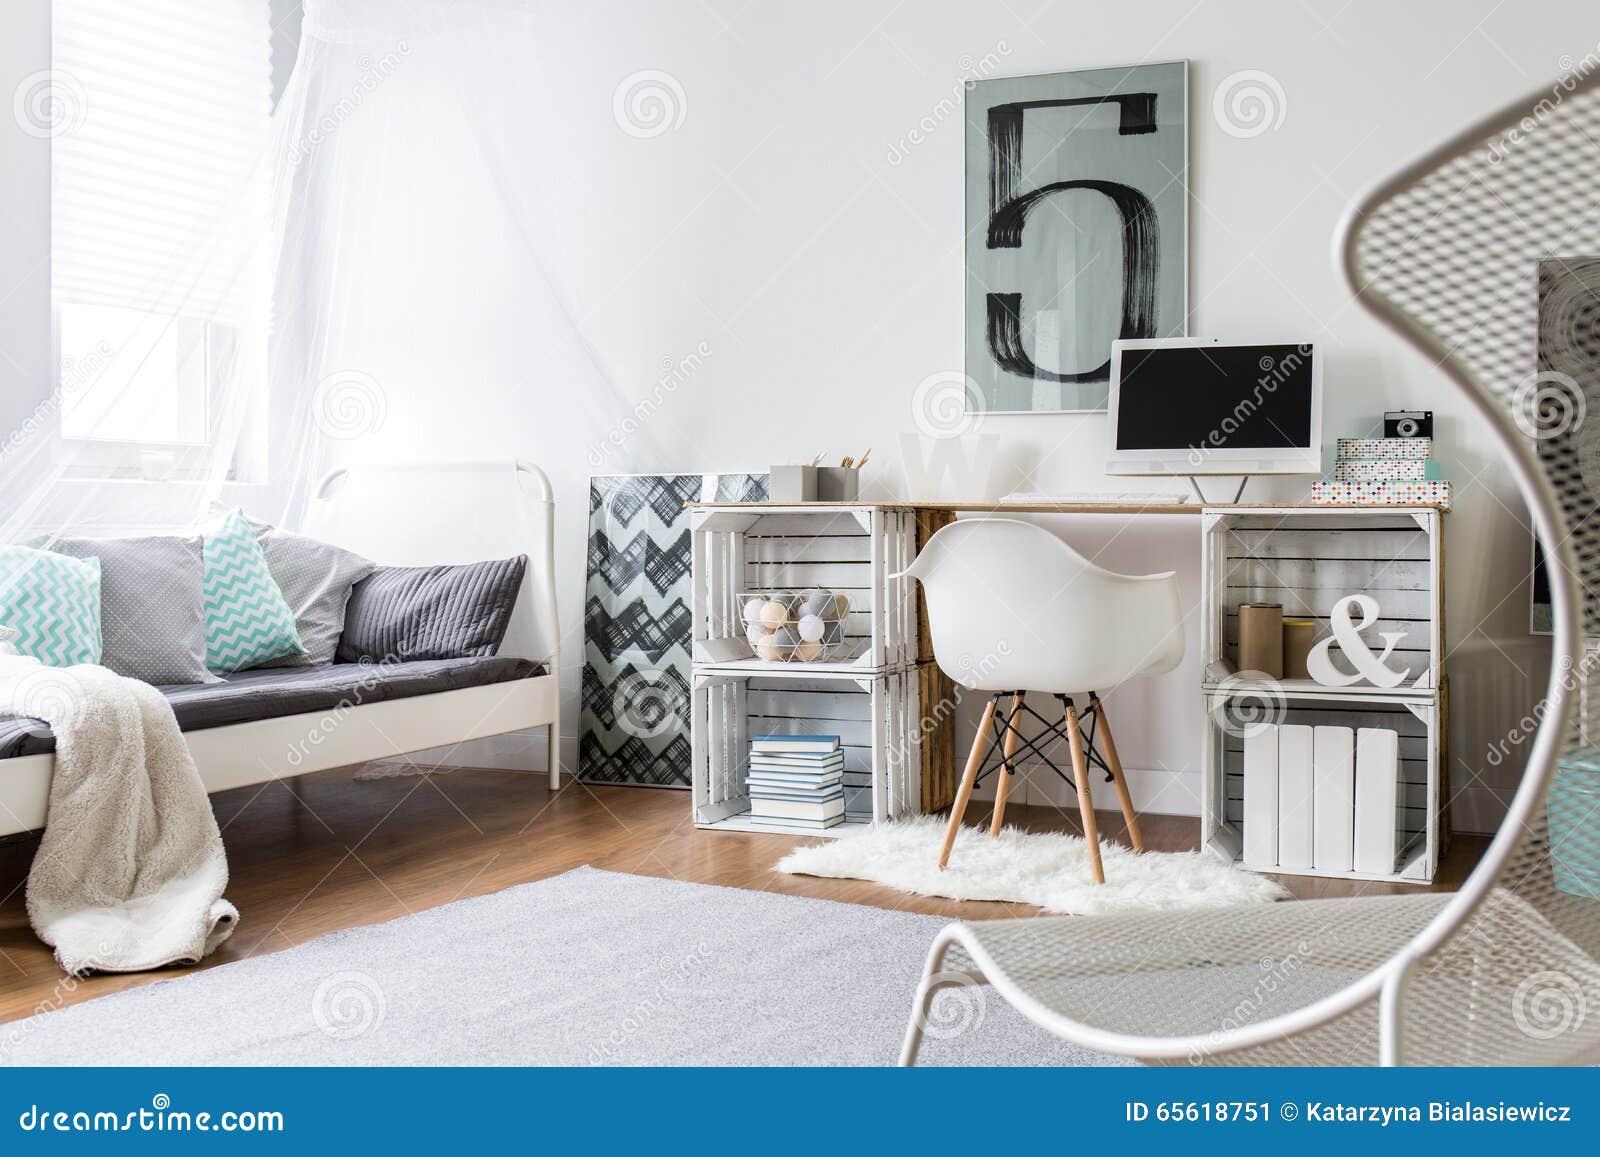 Fesselnde Schreibtisch Diy Ideen Von Pattern Diy-schreibtisch Im Stilvollen Raum Stockbild -